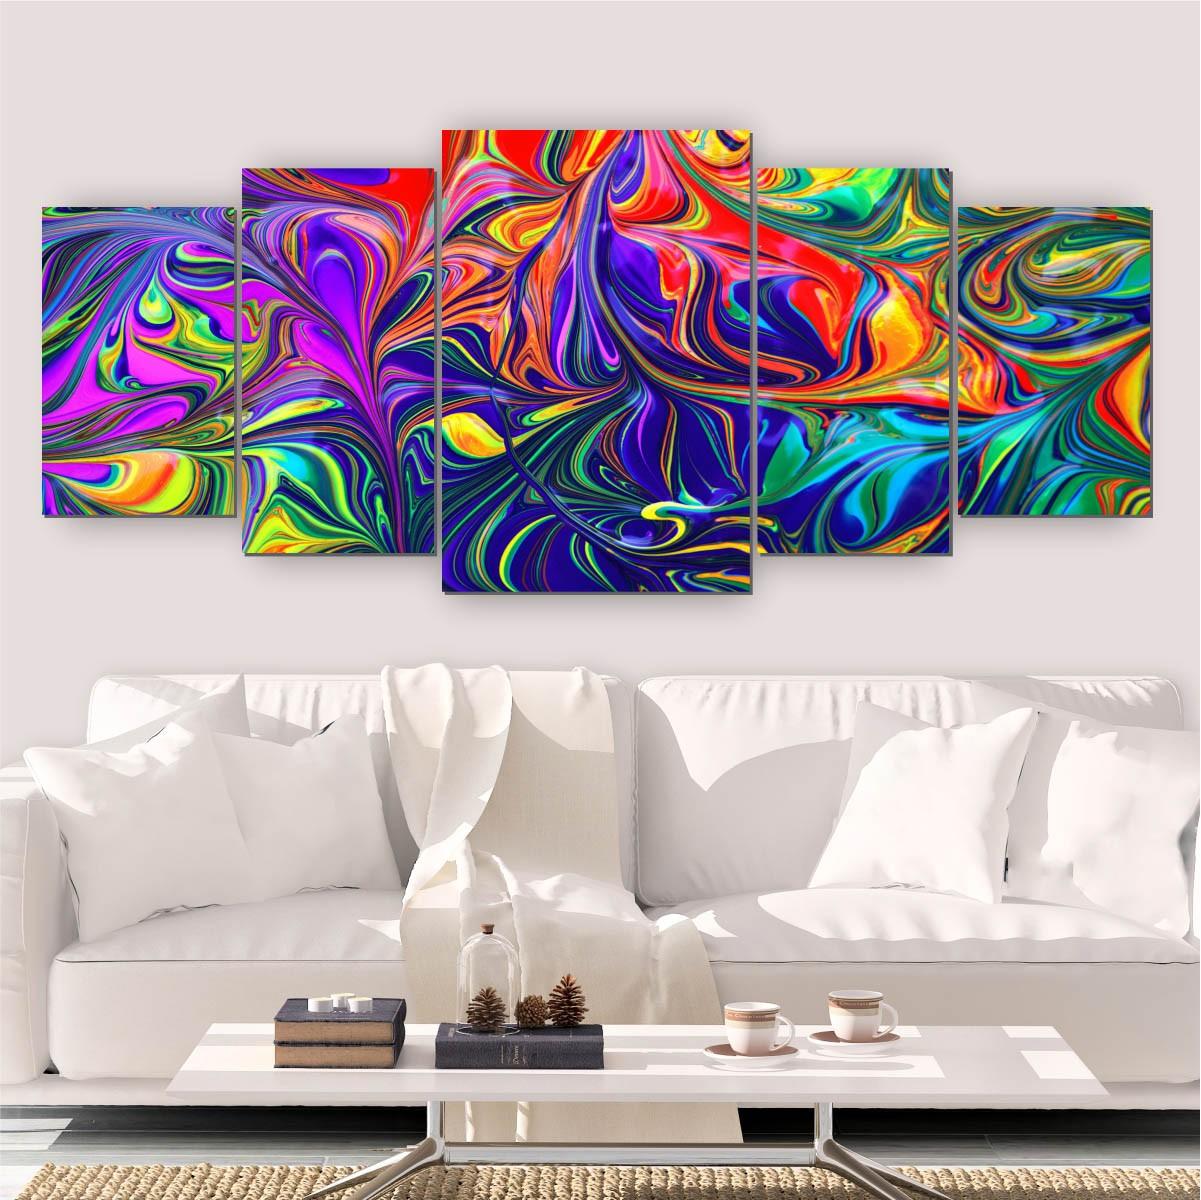 Quadros Decorativos Mosaico Sala Pintura Aquarela 5 peças 144x60cm